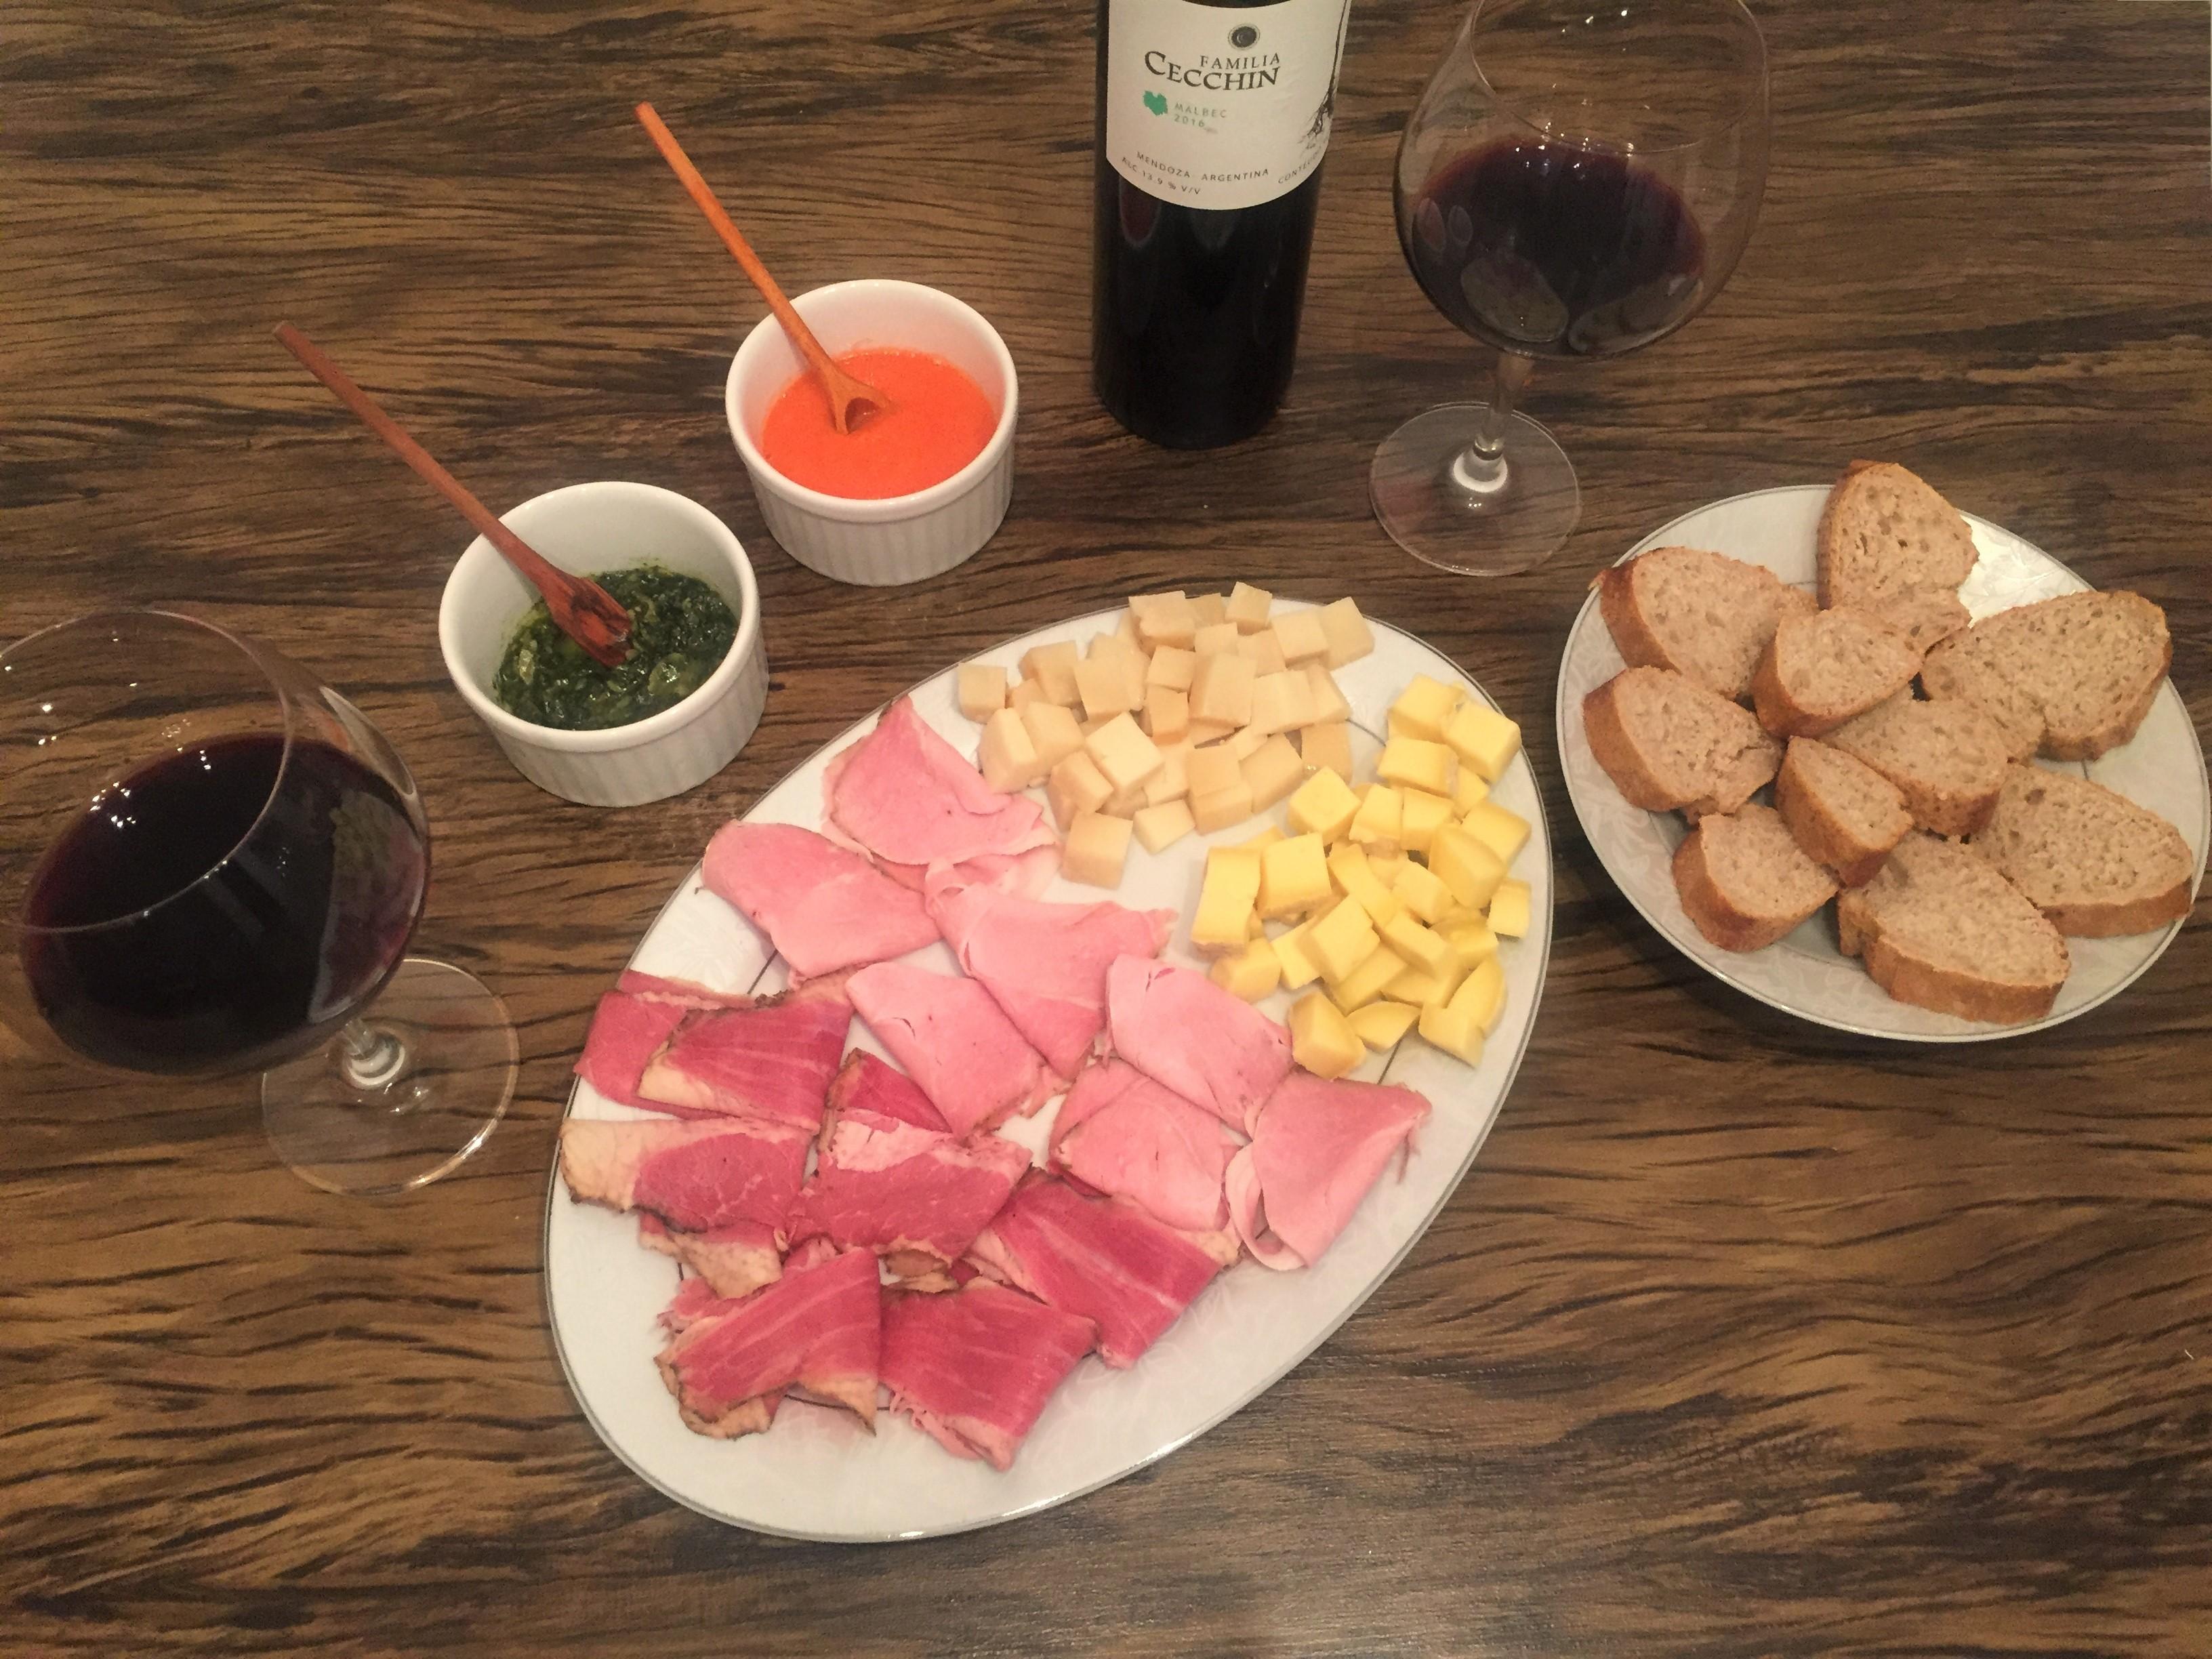 Frios queijo e vinho tinto